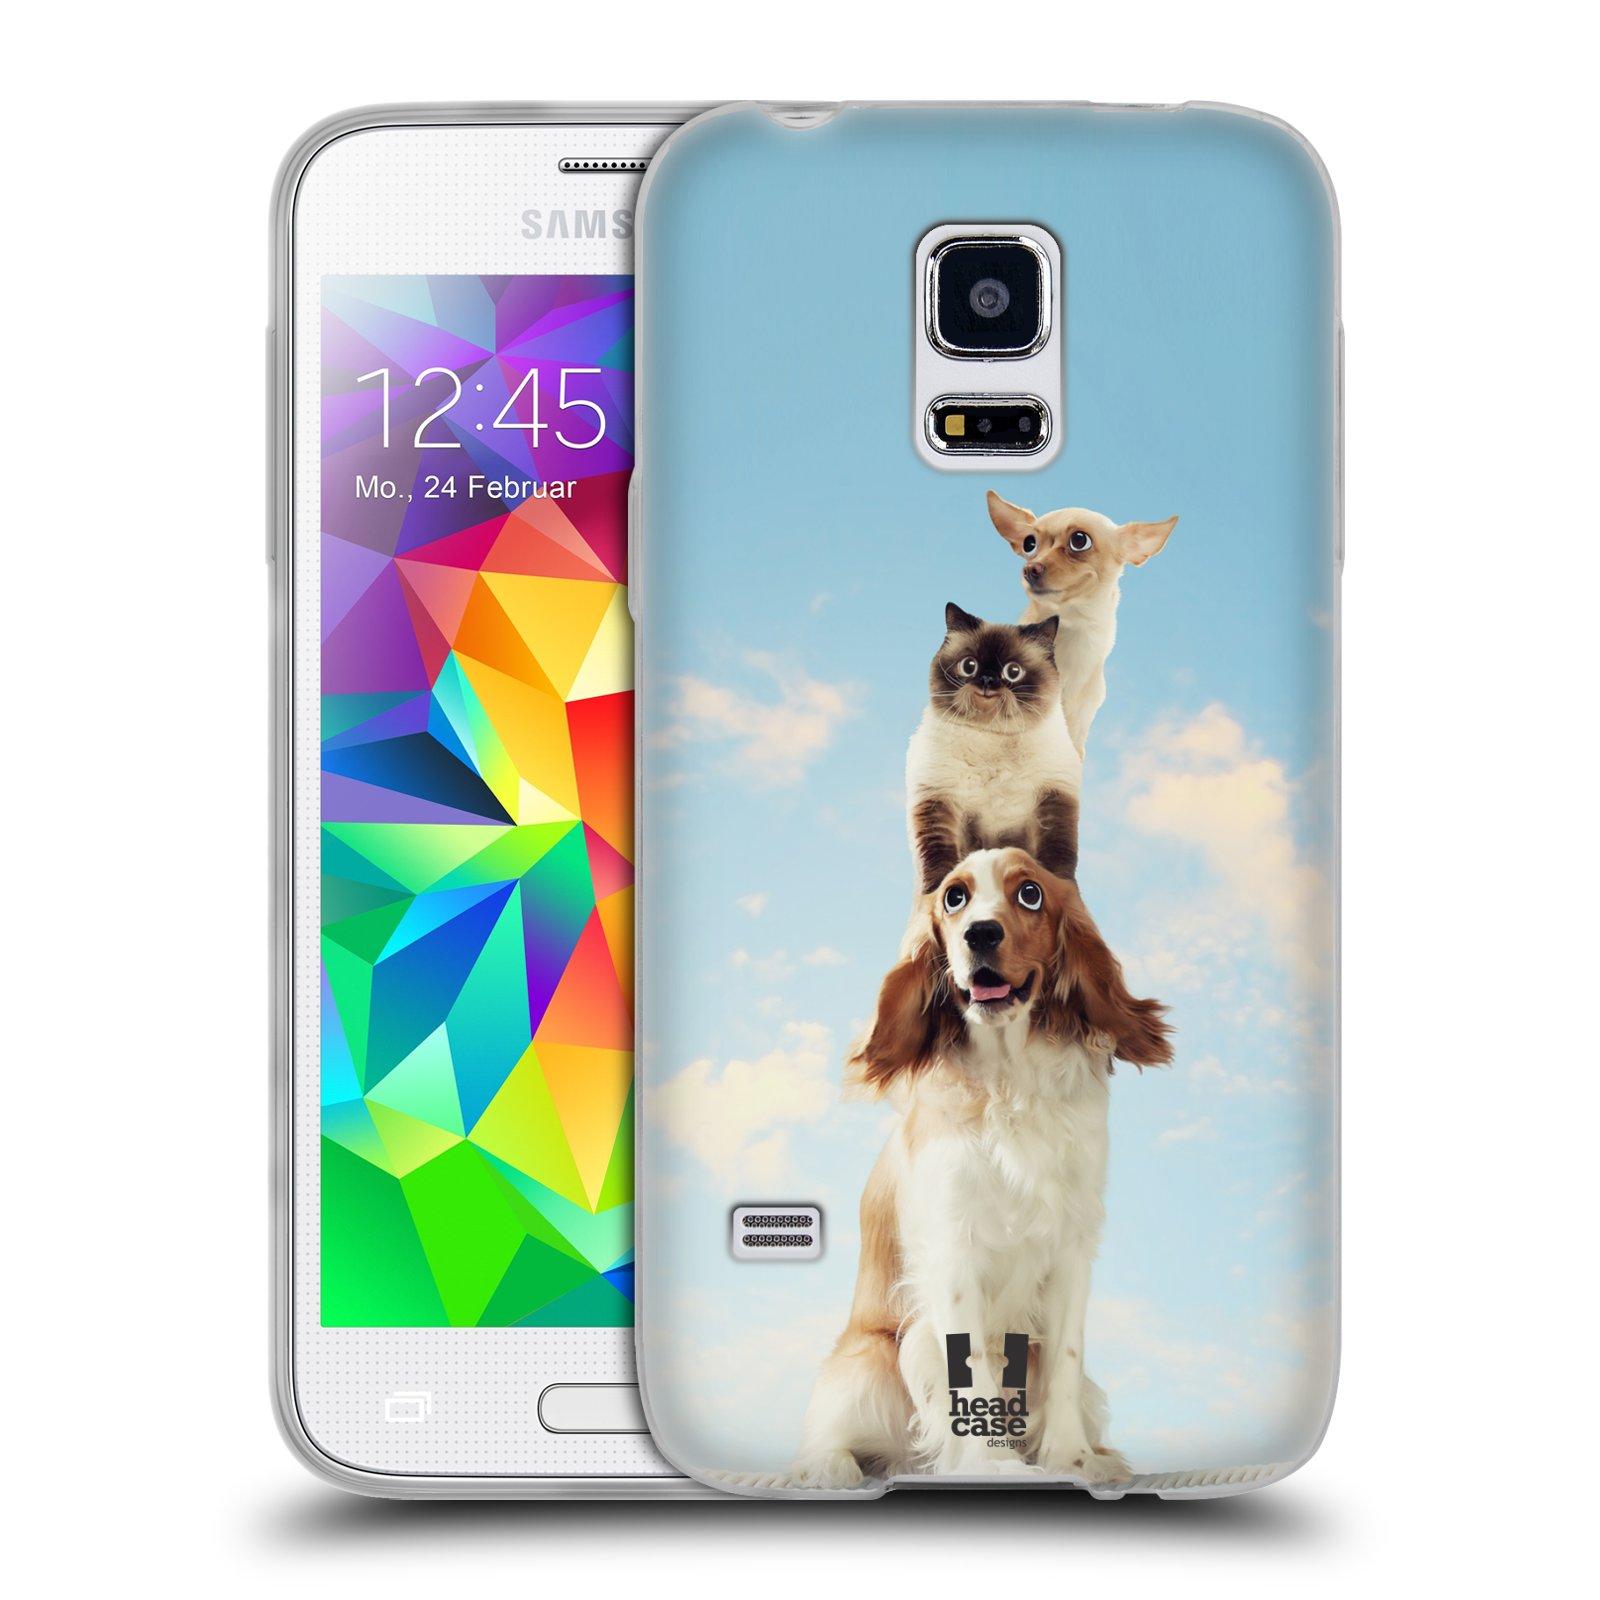 HEAD CASE silikonový obal na mobil Samsung Galaxy S5 MINI vzor Legrační zvířátka zvířecí totem